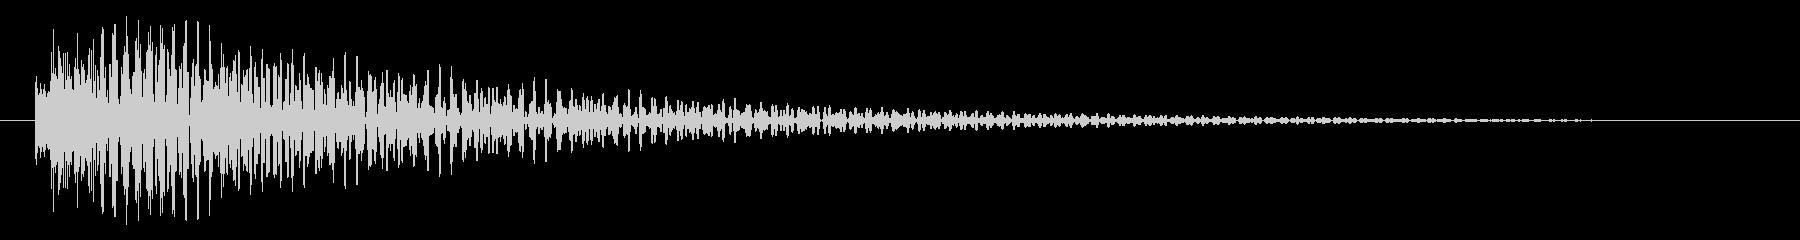 トゥルンーの未再生の波形